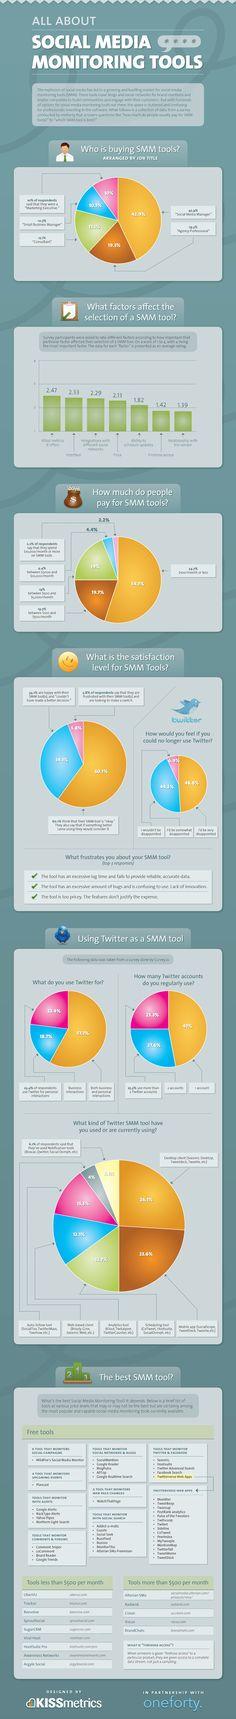 Las mejores herramientas de monitorización del Social Media #infografia